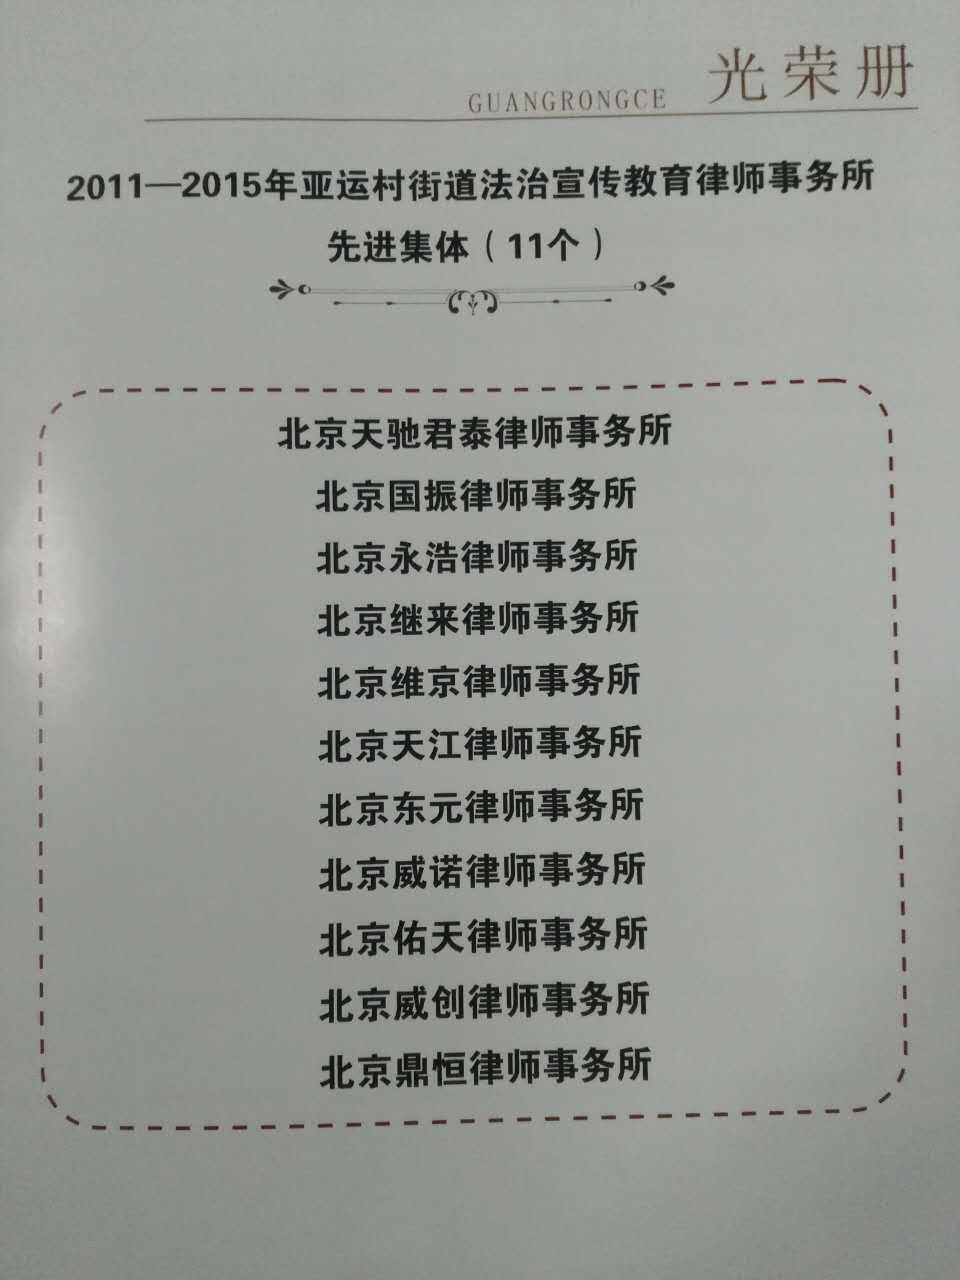 2011至2015年亚运村街道法制宣传教育律师事务所先进集体